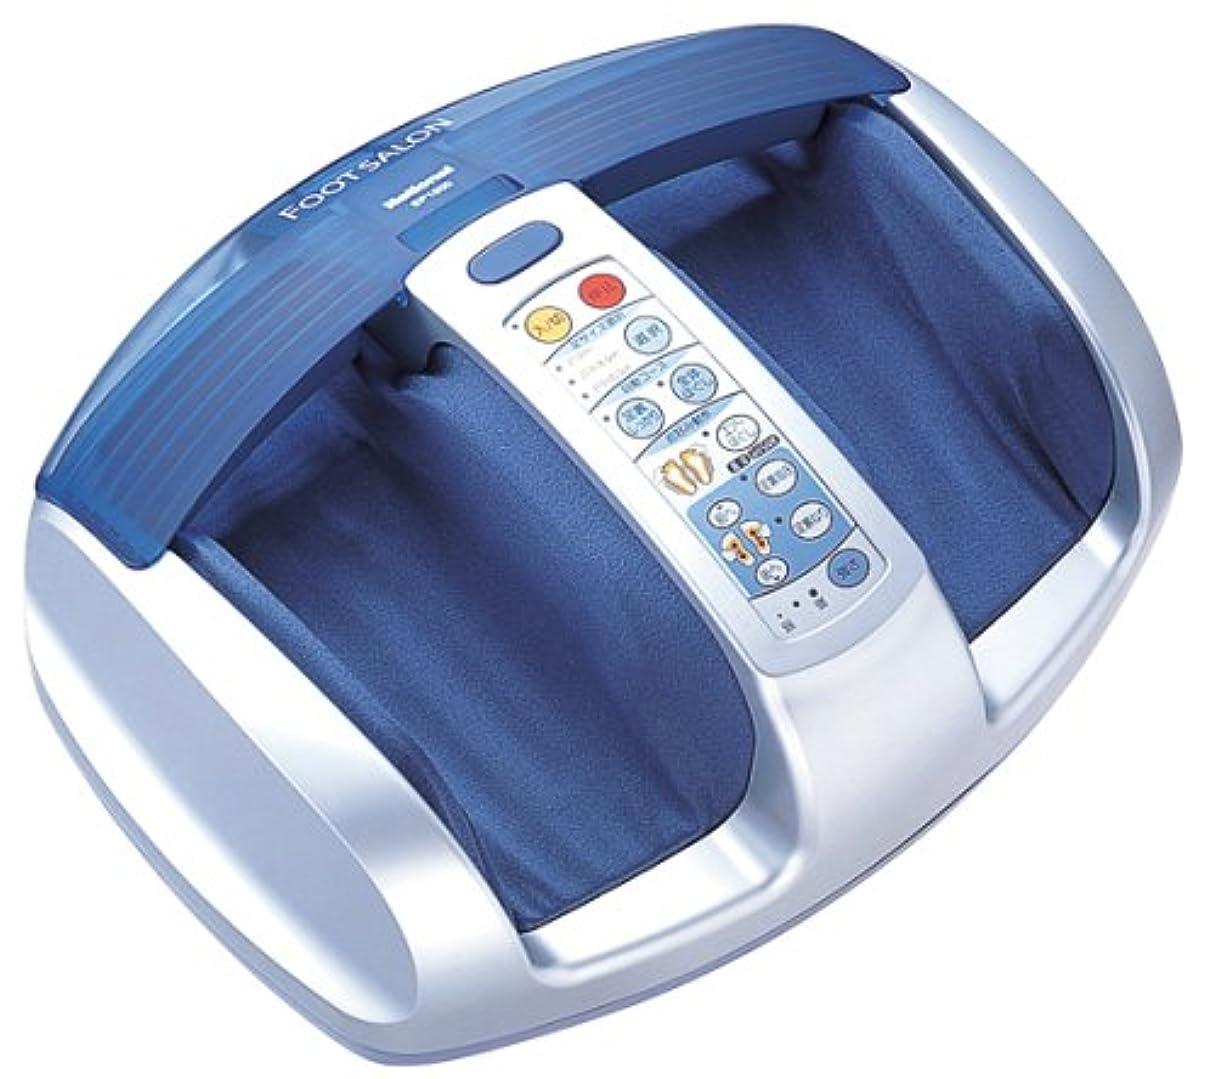 エキゾチック物語麻酔薬Panasonic フットマッサージャーフットサロン EP1500-S